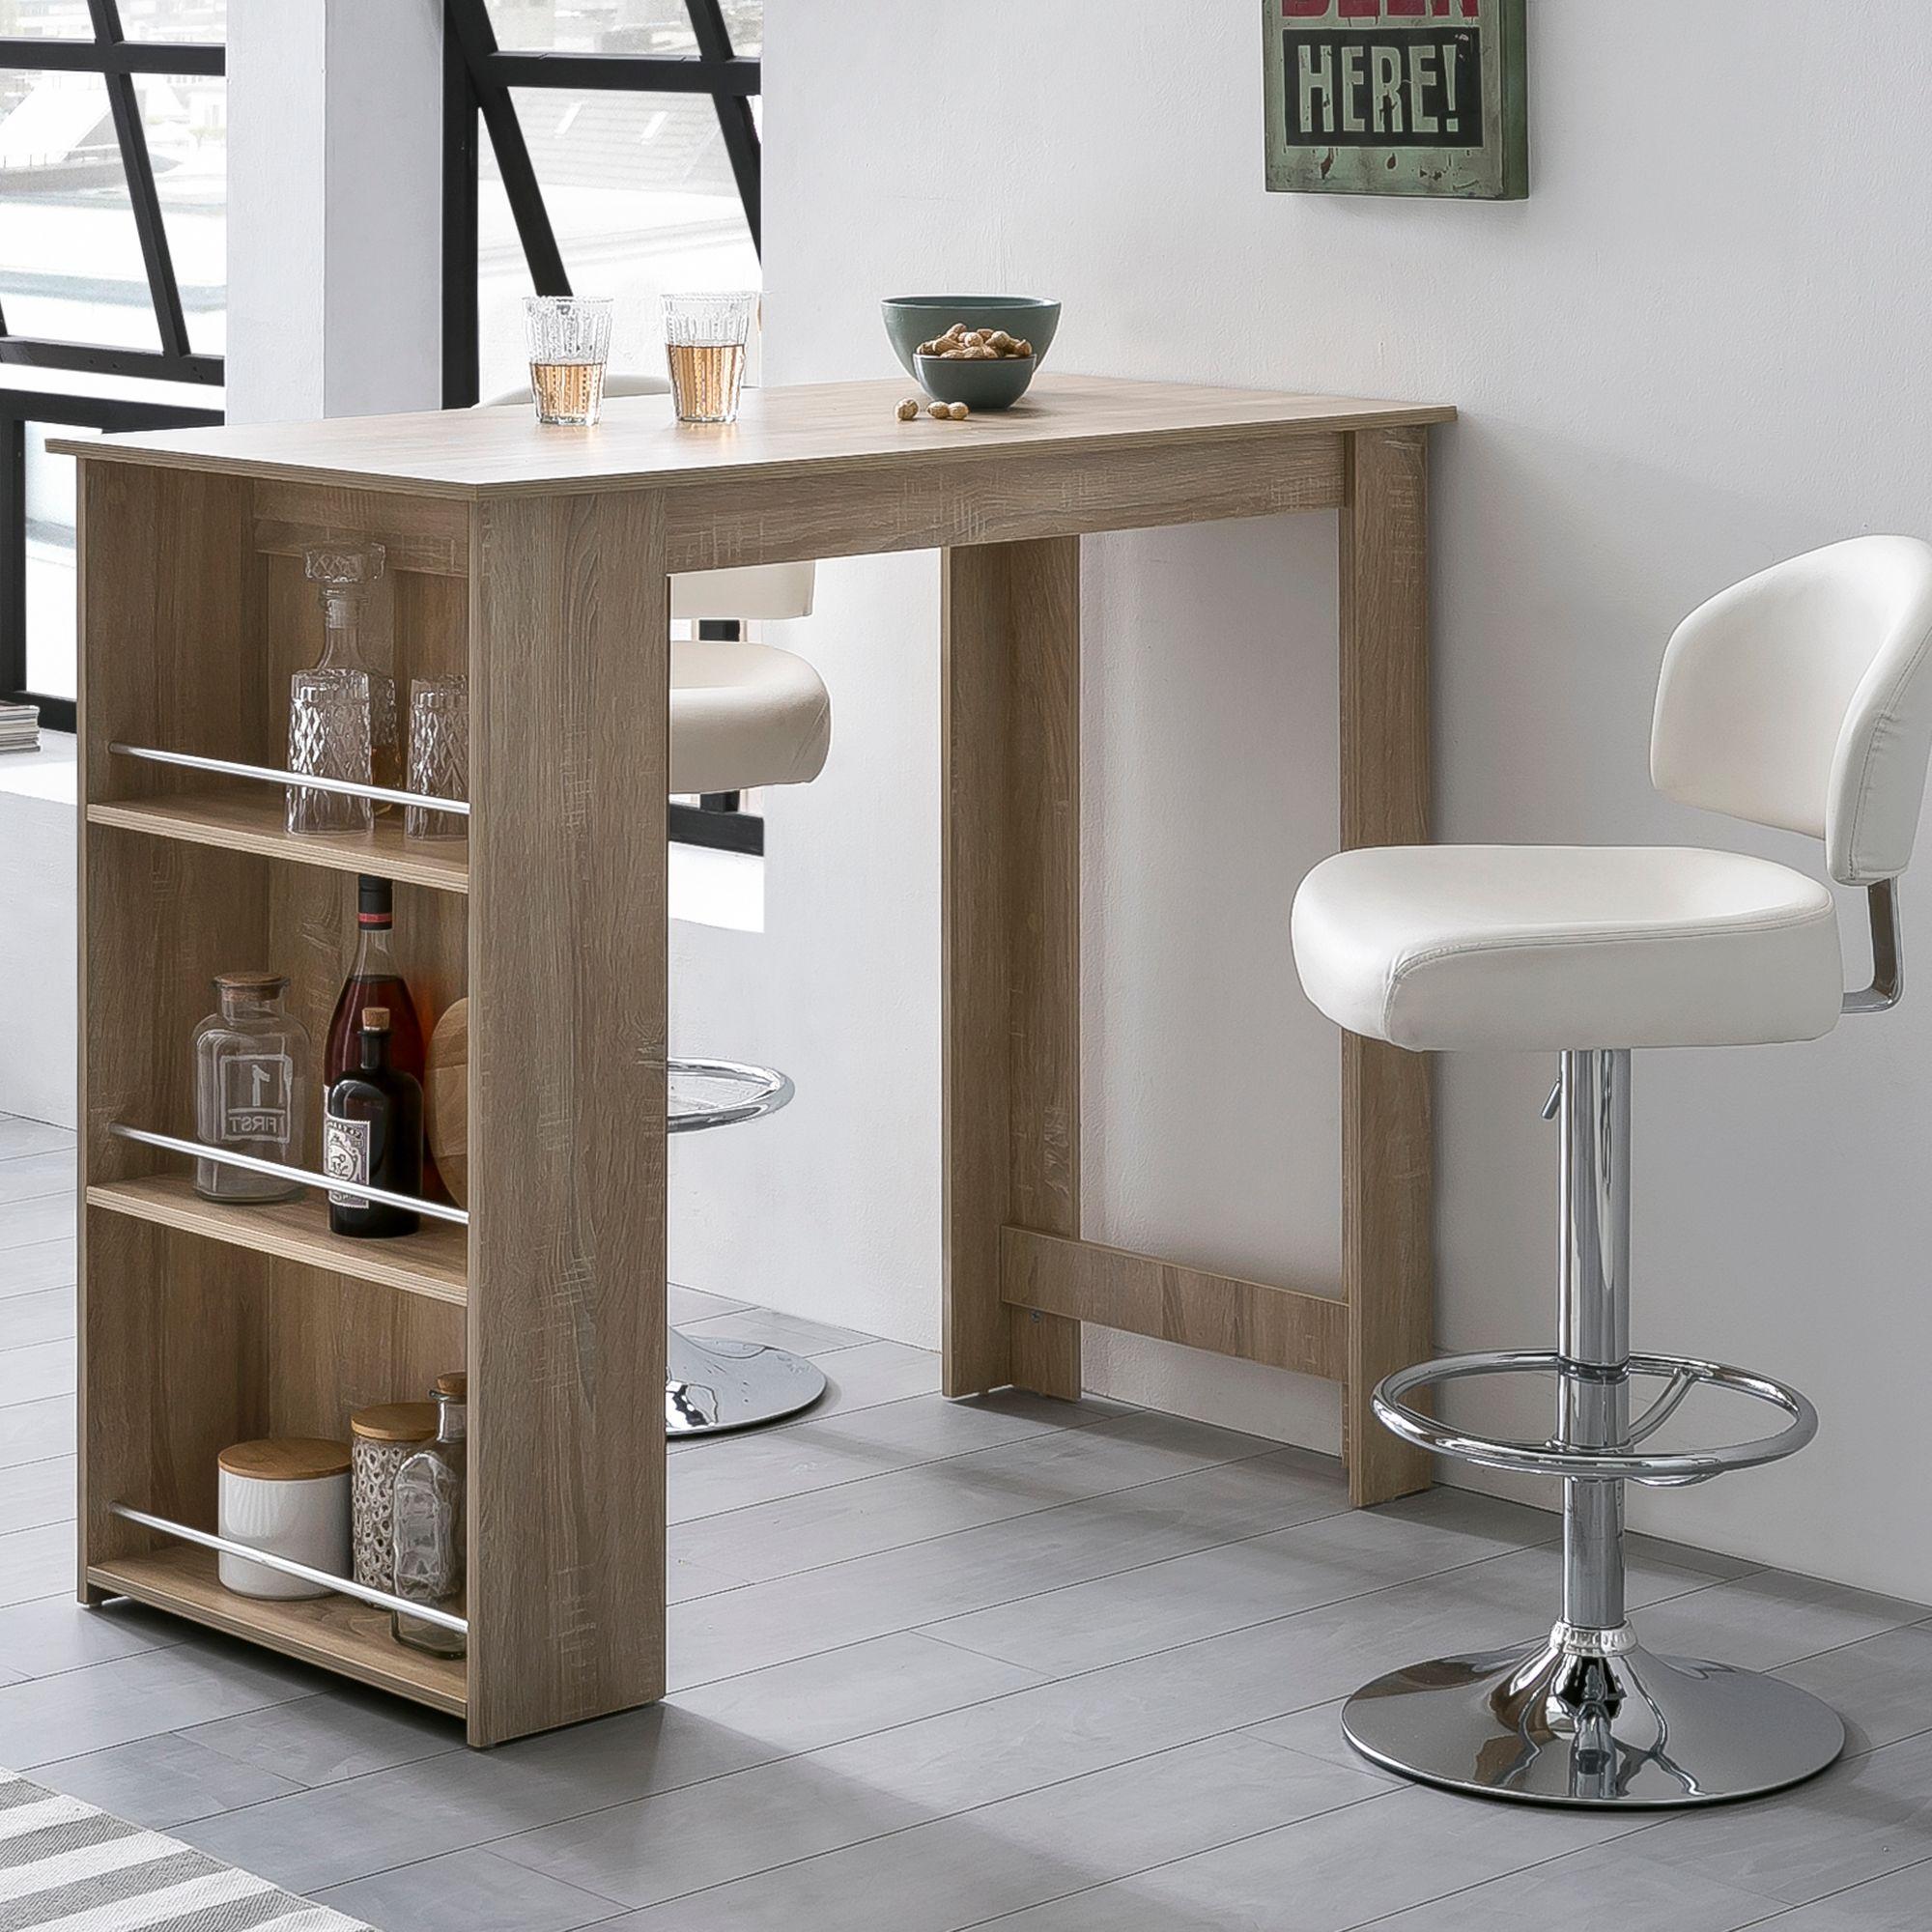 Full Size of Ikea Bartisch Modulküche Sofa Mit Schlaffunktion Miniküche Küche Kosten Betten Bei Kaufen 160x200 Wohnzimmer Ikea Bartisch